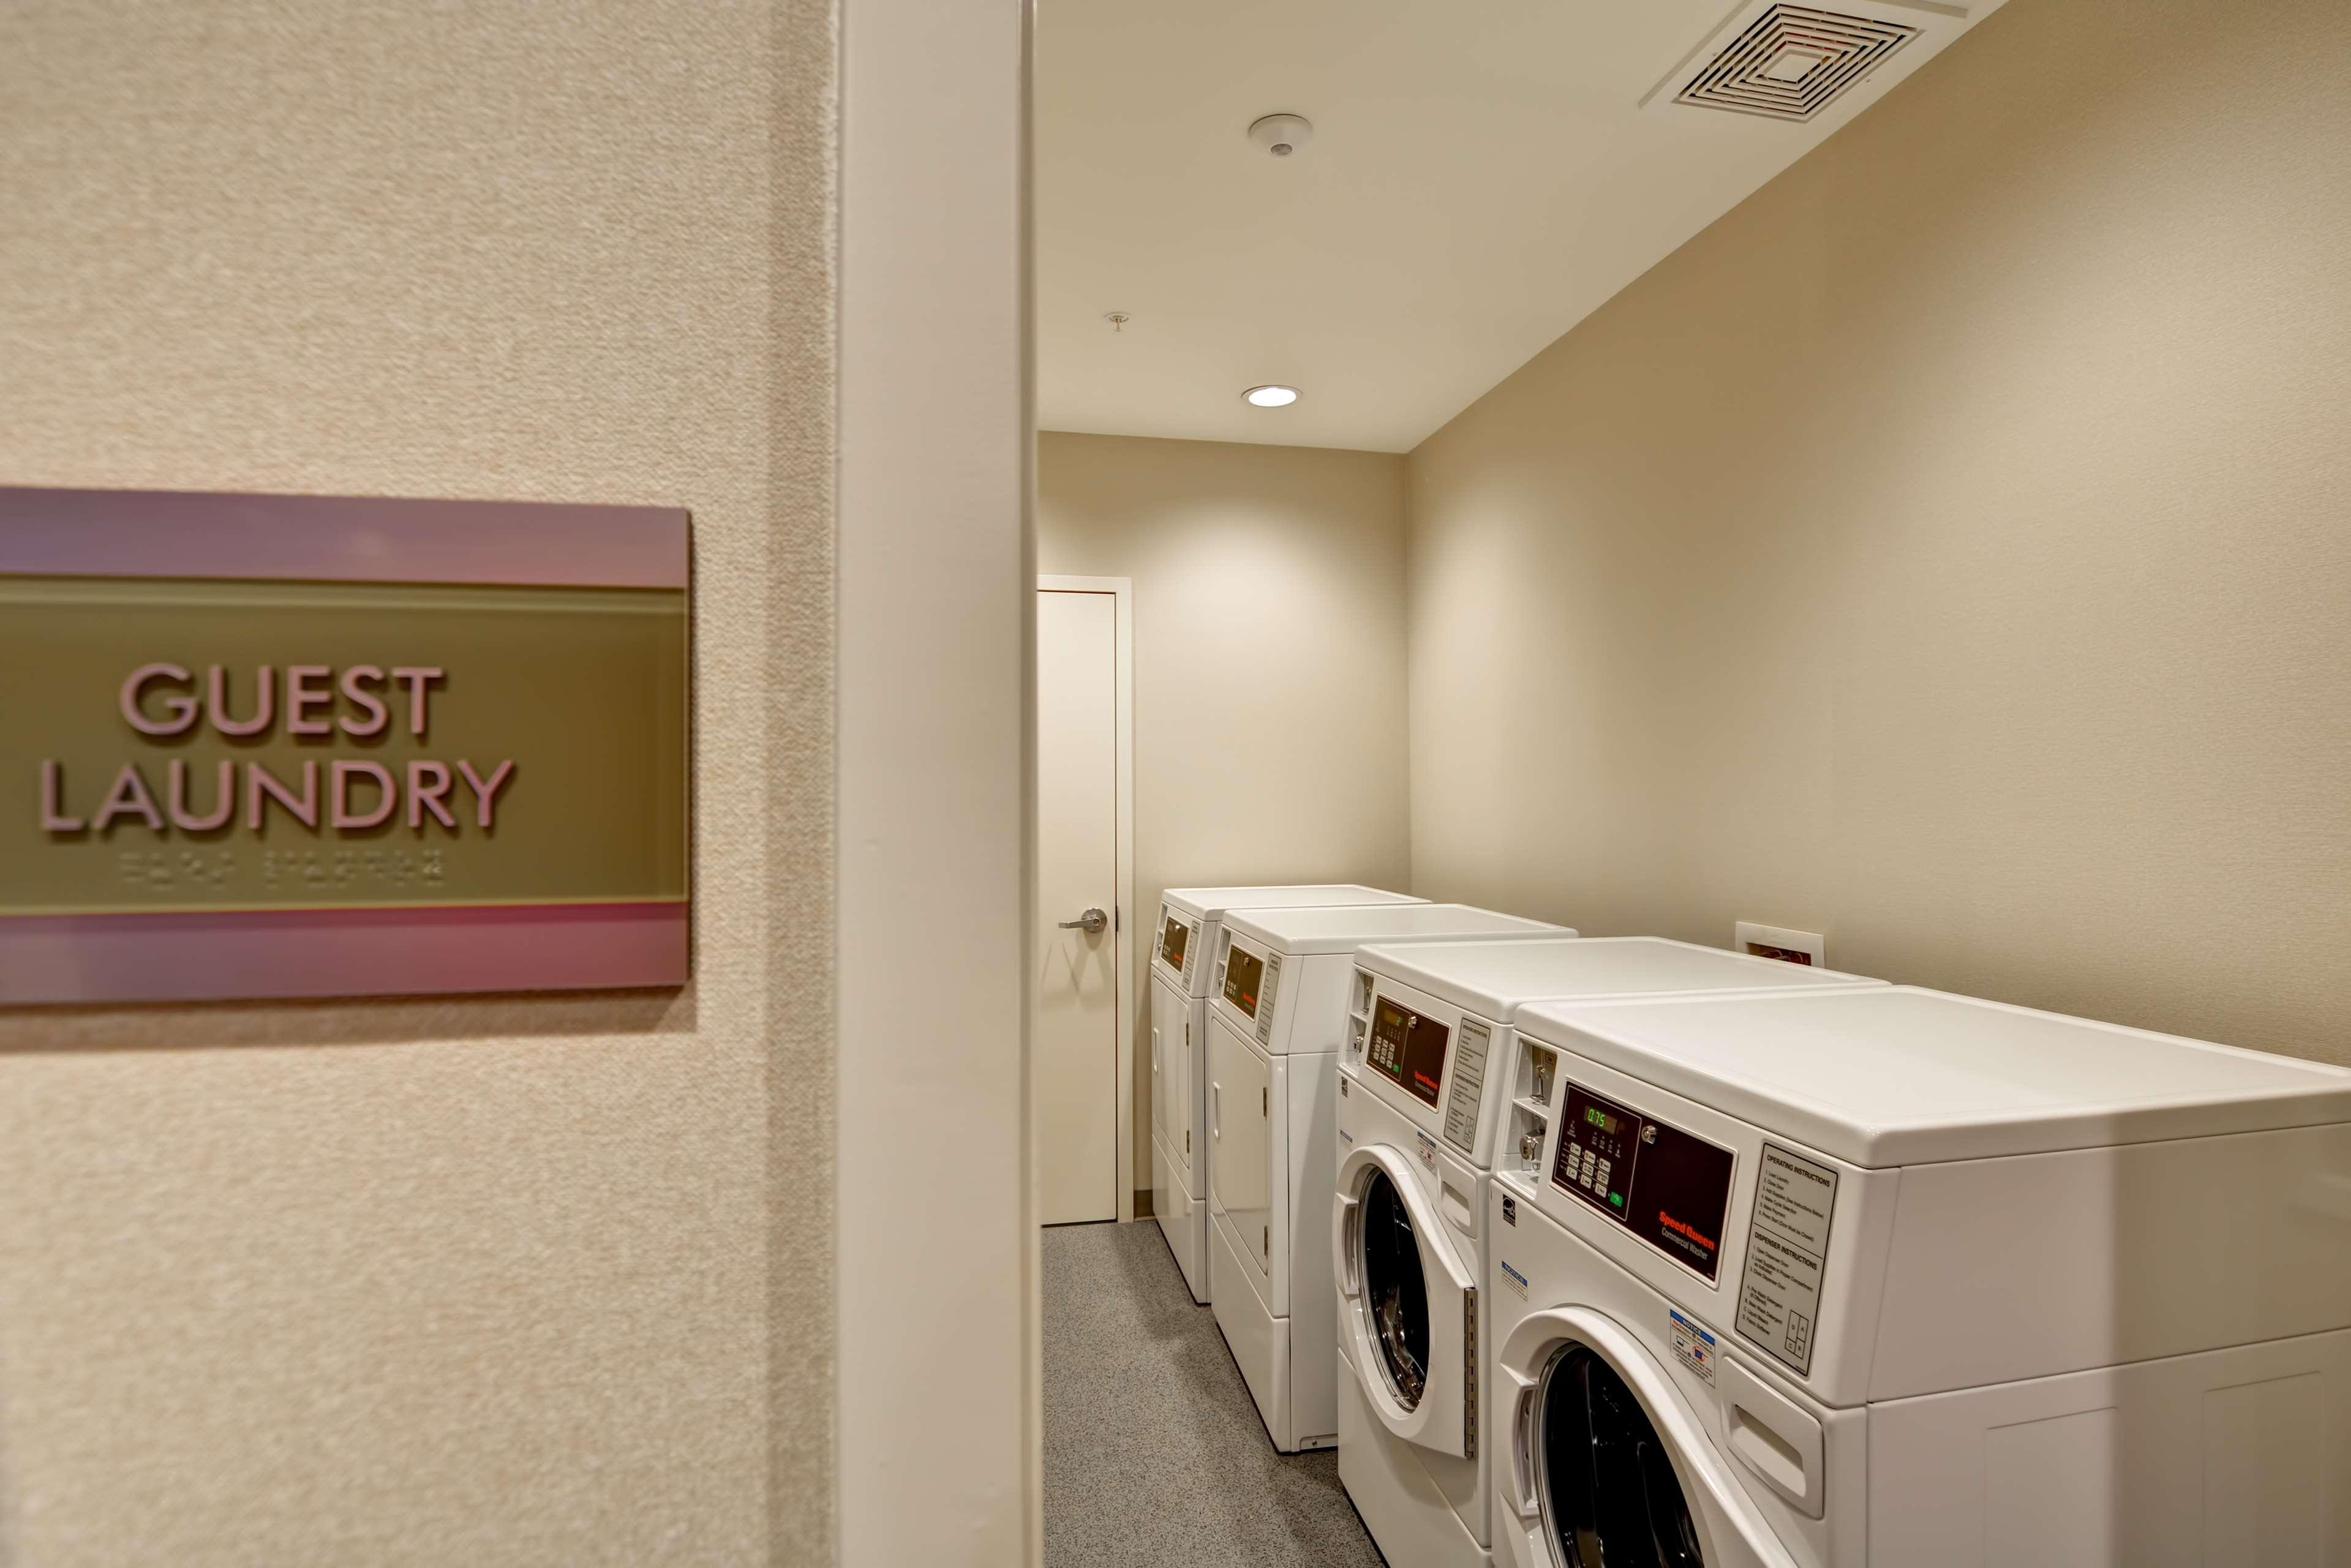 Home2 Suites by Hilton Lafayette image 35